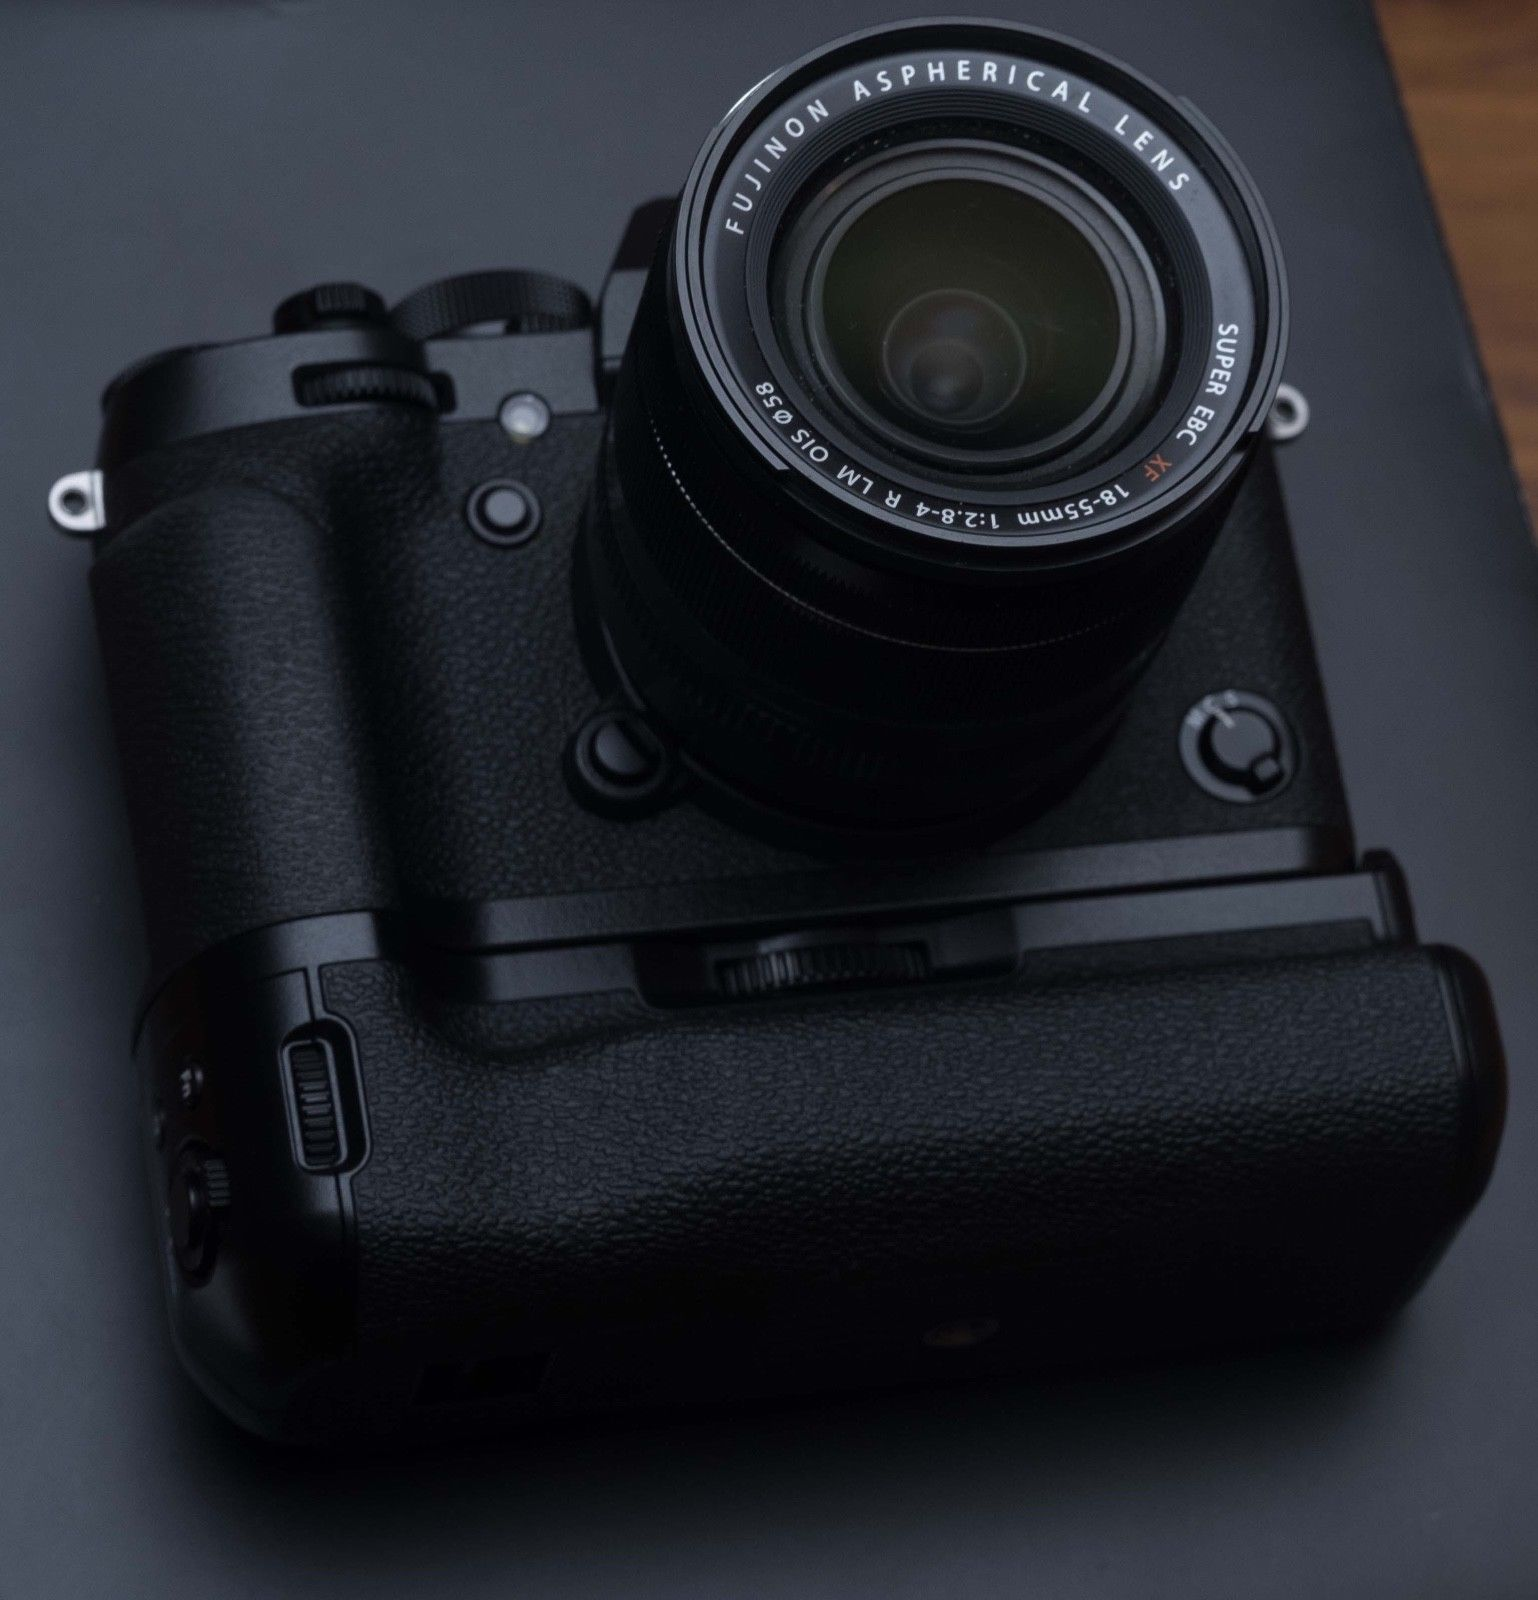 Fuji X-T2 + XF 18-55 mm F2.8 T LM OIS + BATTERIEGRIFF